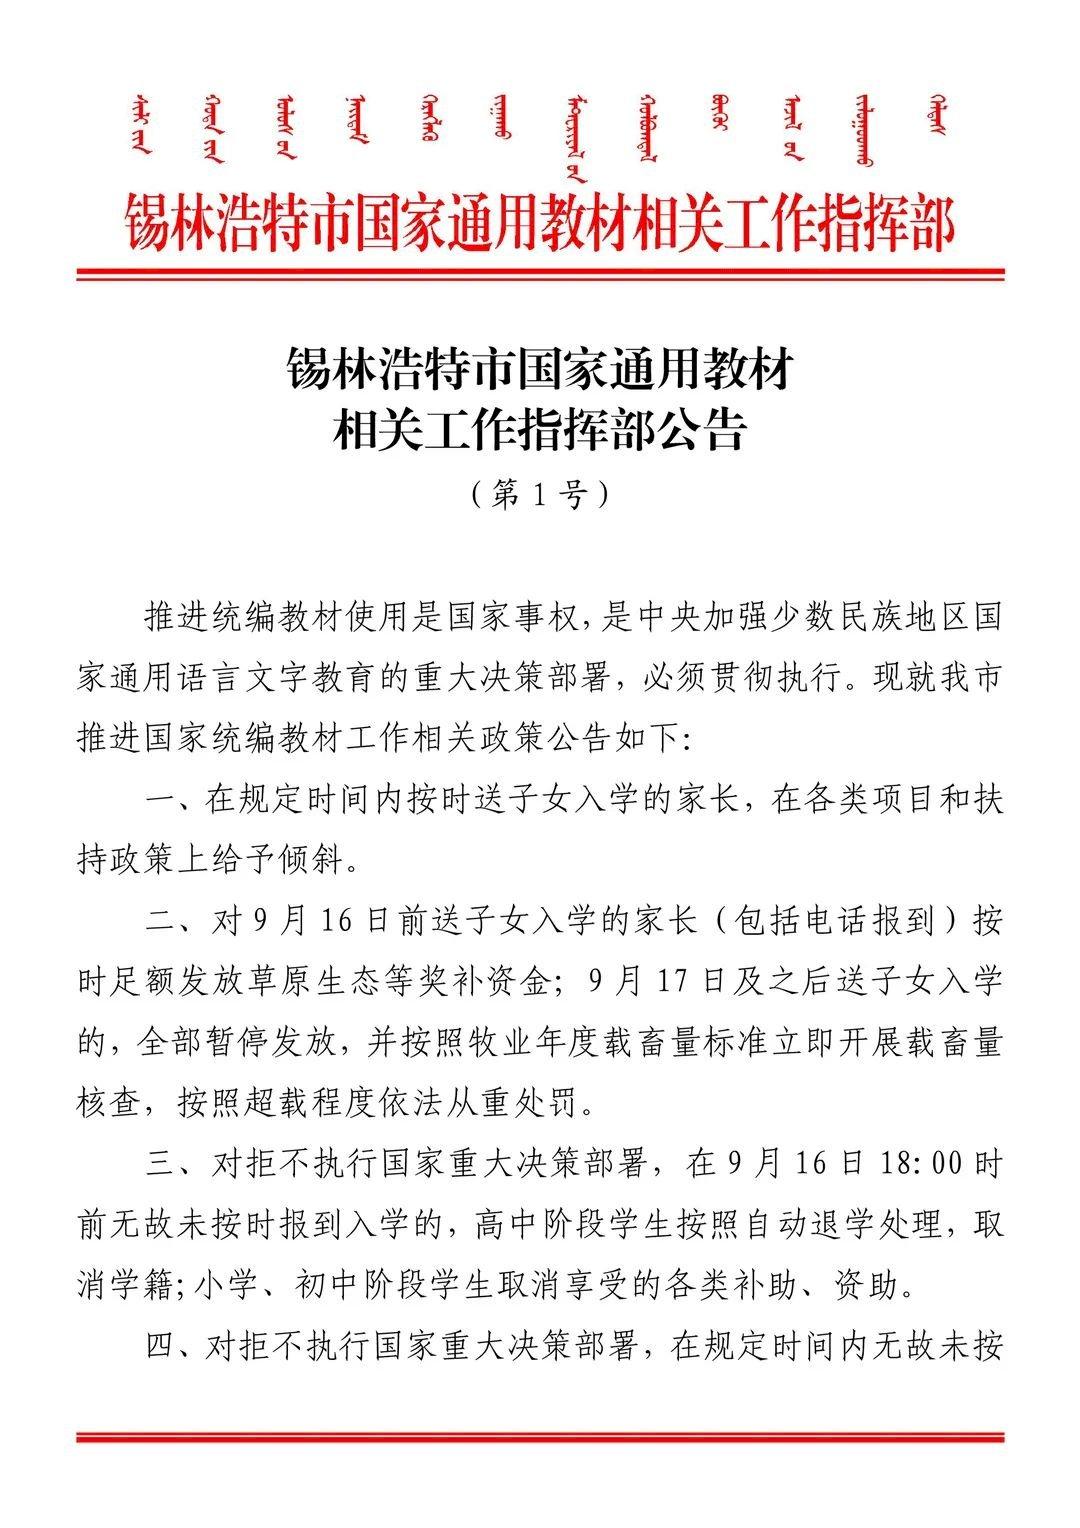 內蒙推漢語教材 美媒:第二波鎮壓不上學就開罰